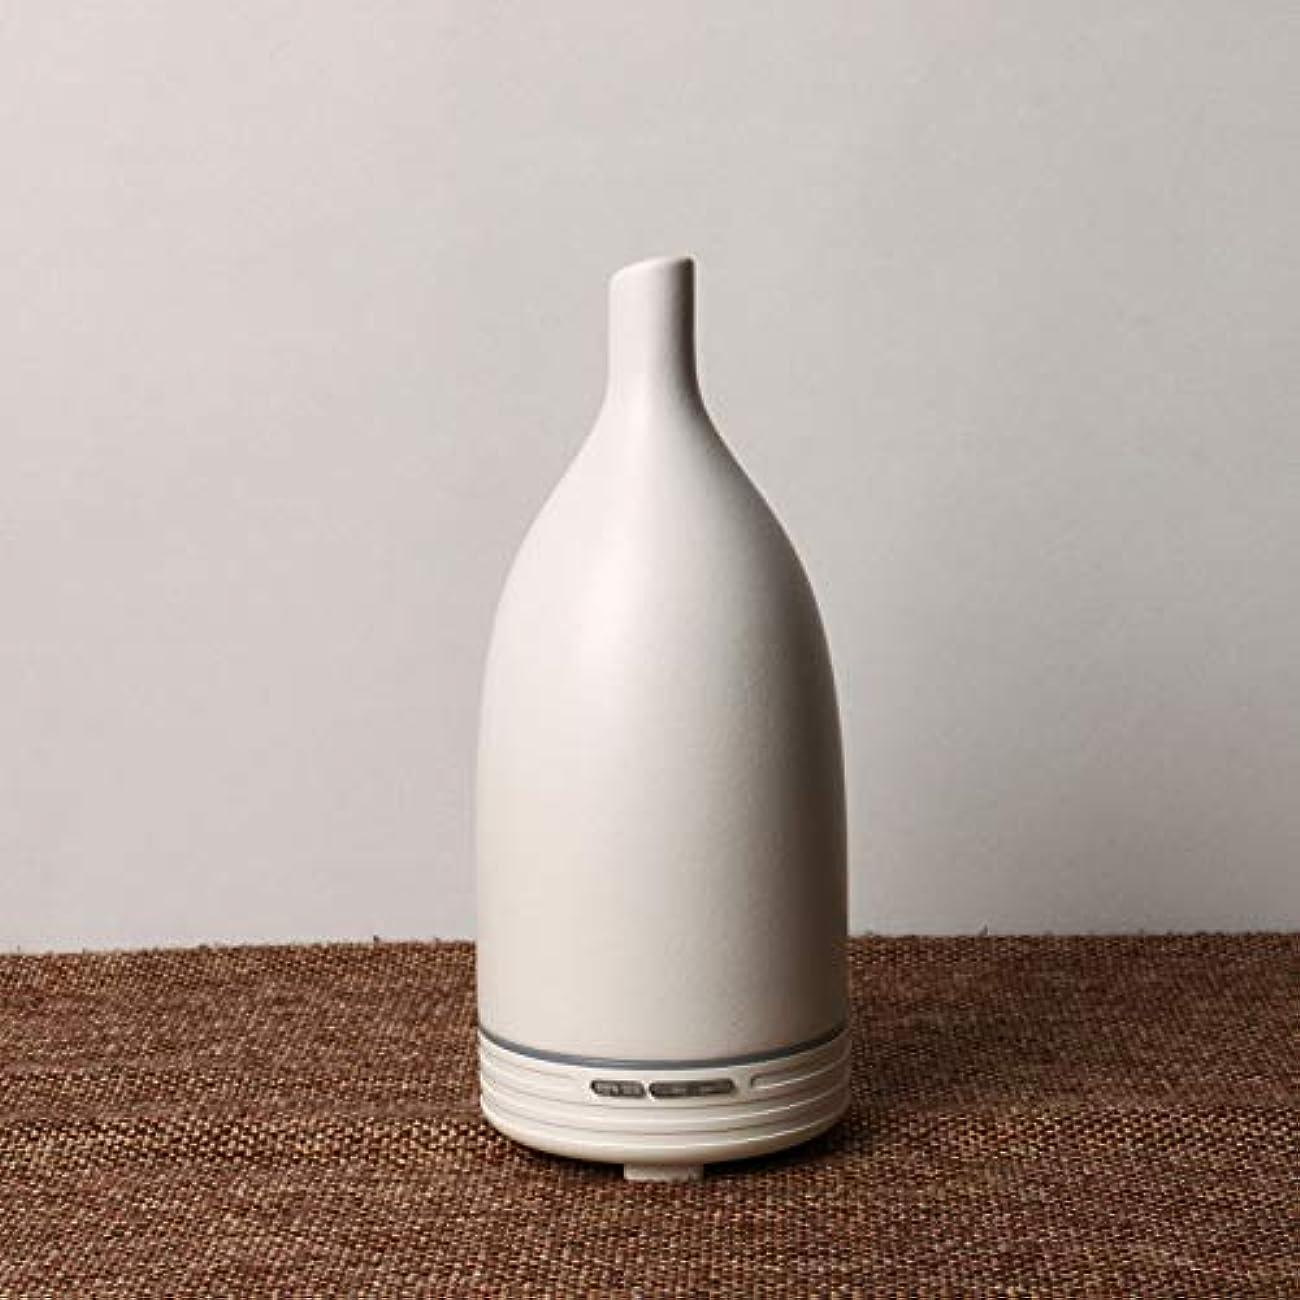 椅子痛み気難しいアロマディスペンサー精油加湿器陶磁器の材質は家庭の事務用に適しています。 (ホワイト)